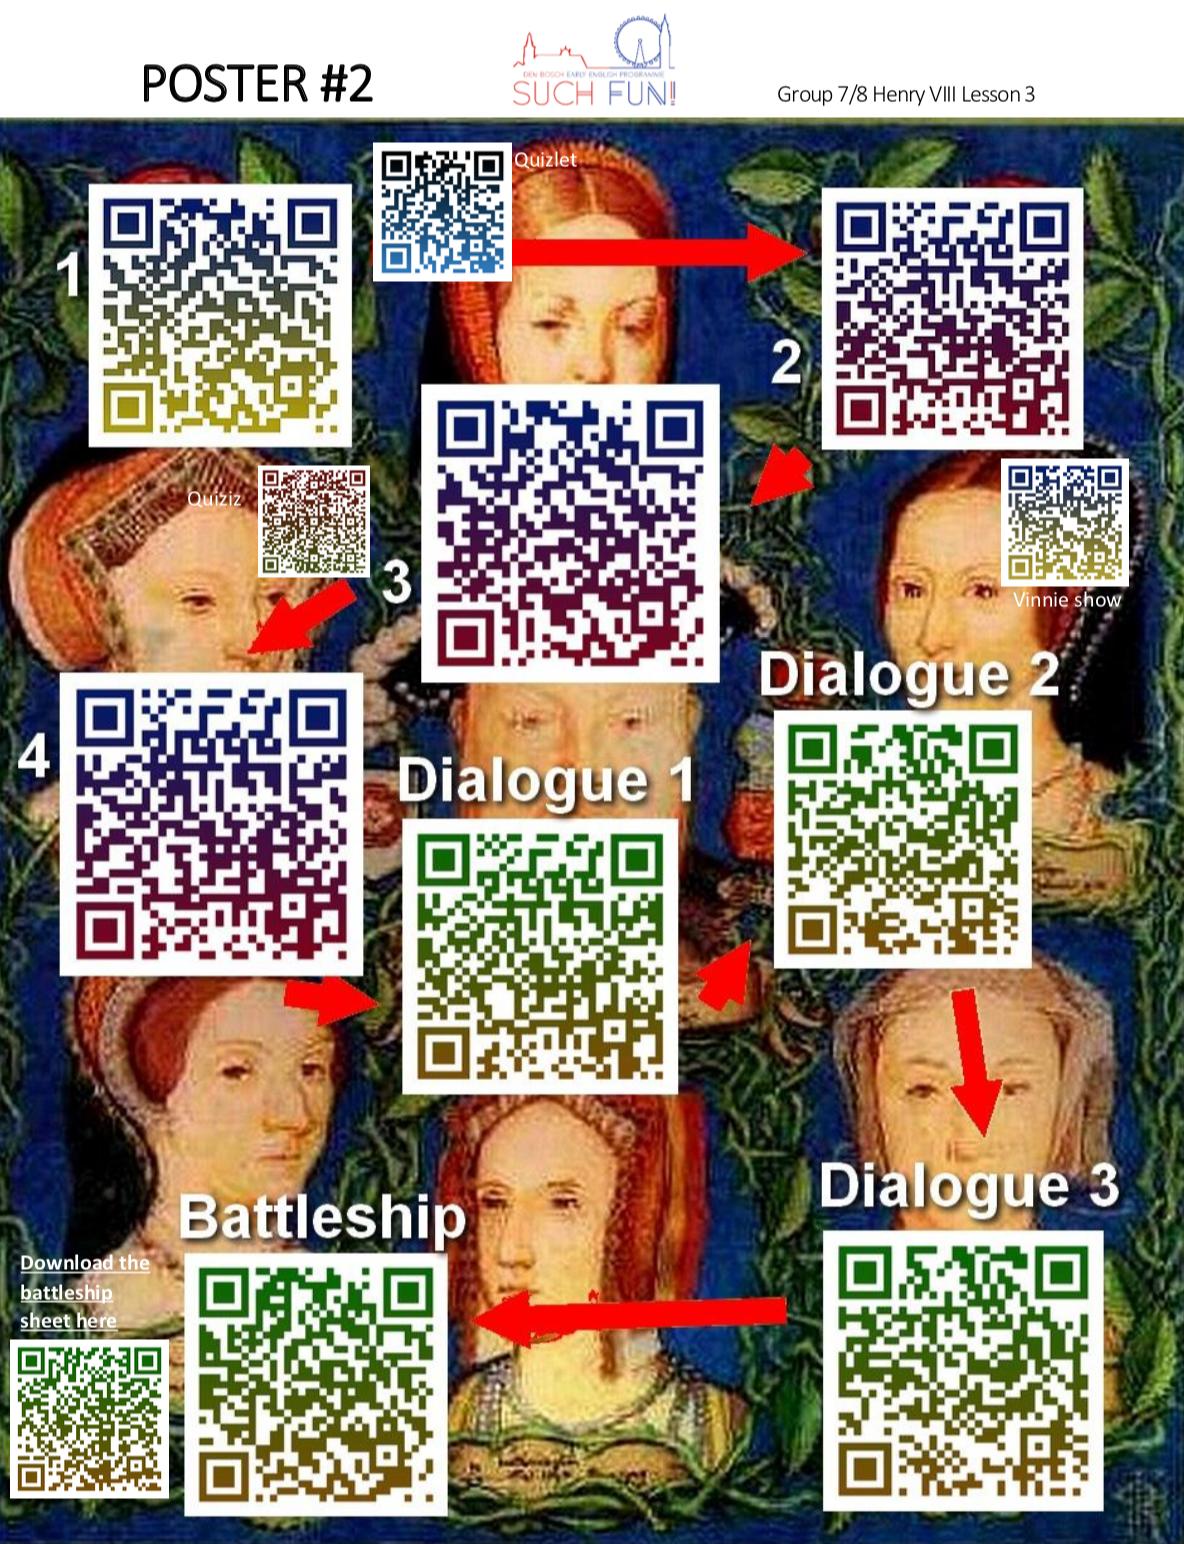 Schermafbeelding 2020-03-22 om 19.50.29